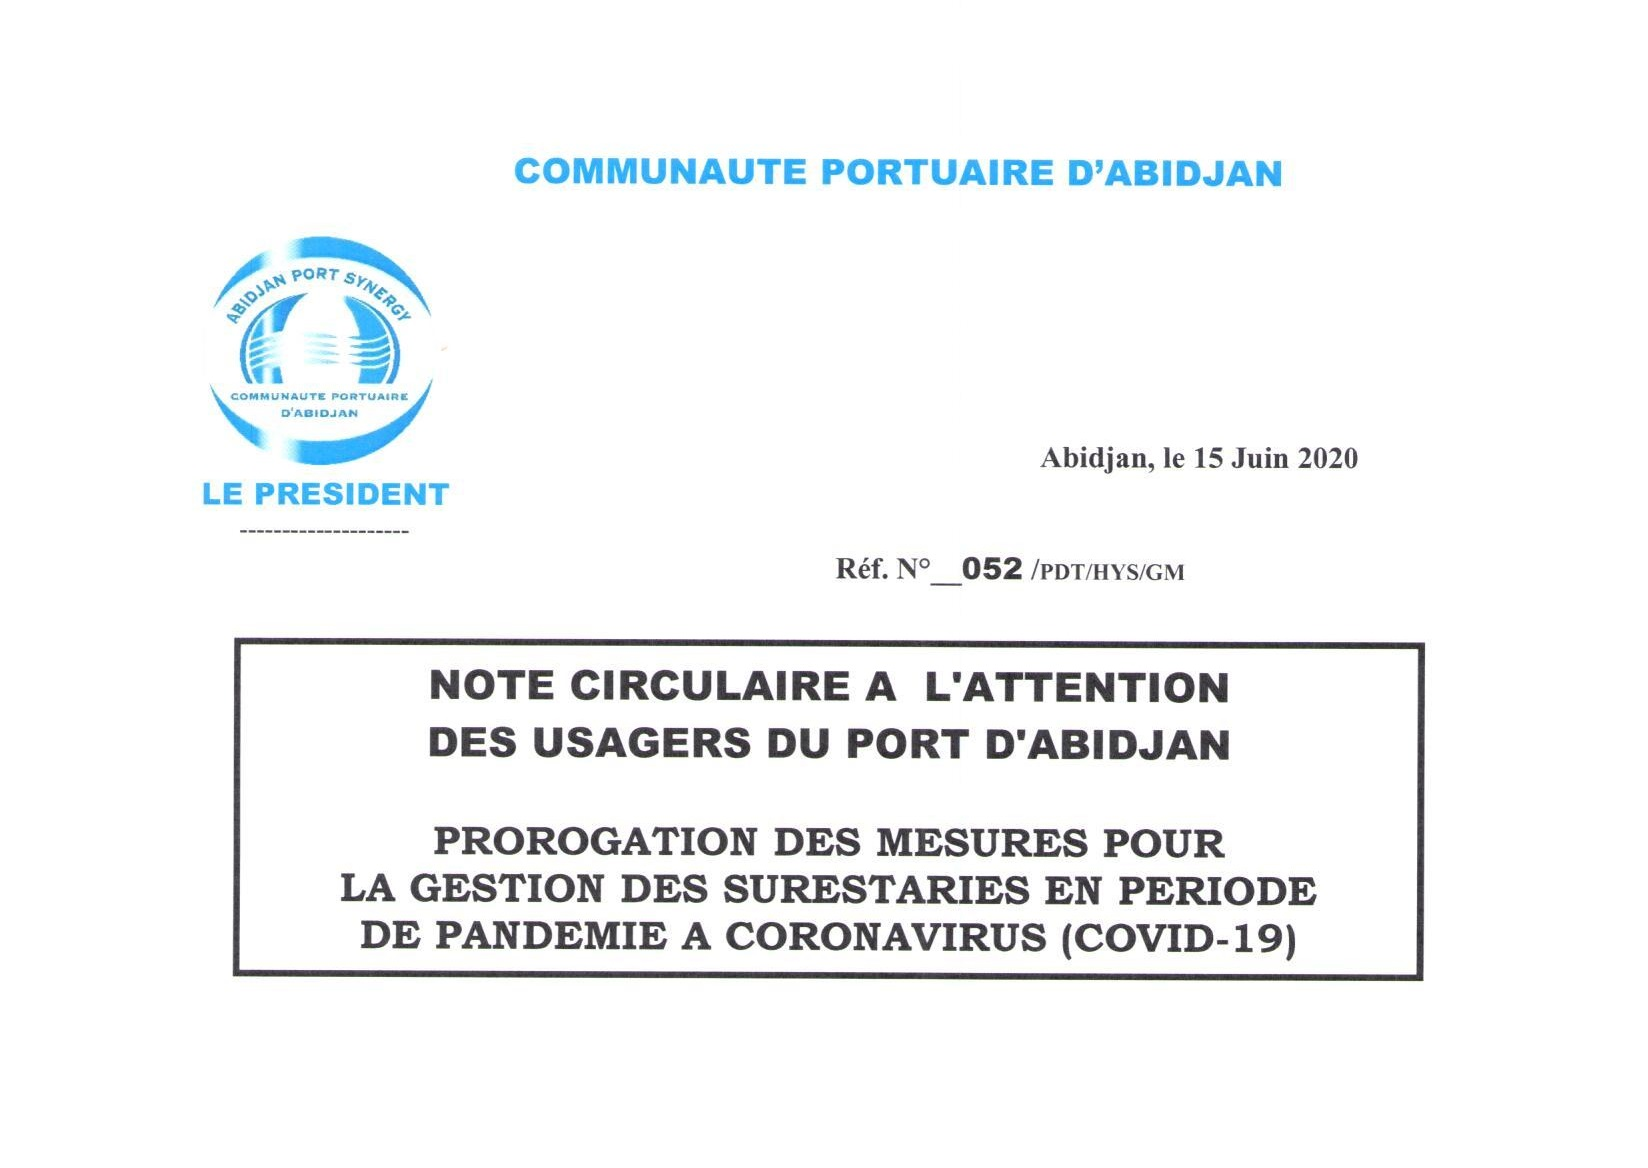 Note circulaire 052 du Pdt CPA PROROGATION des mesures de gestion des surestaries en peěriode de COVID-19 du 15 06 2020